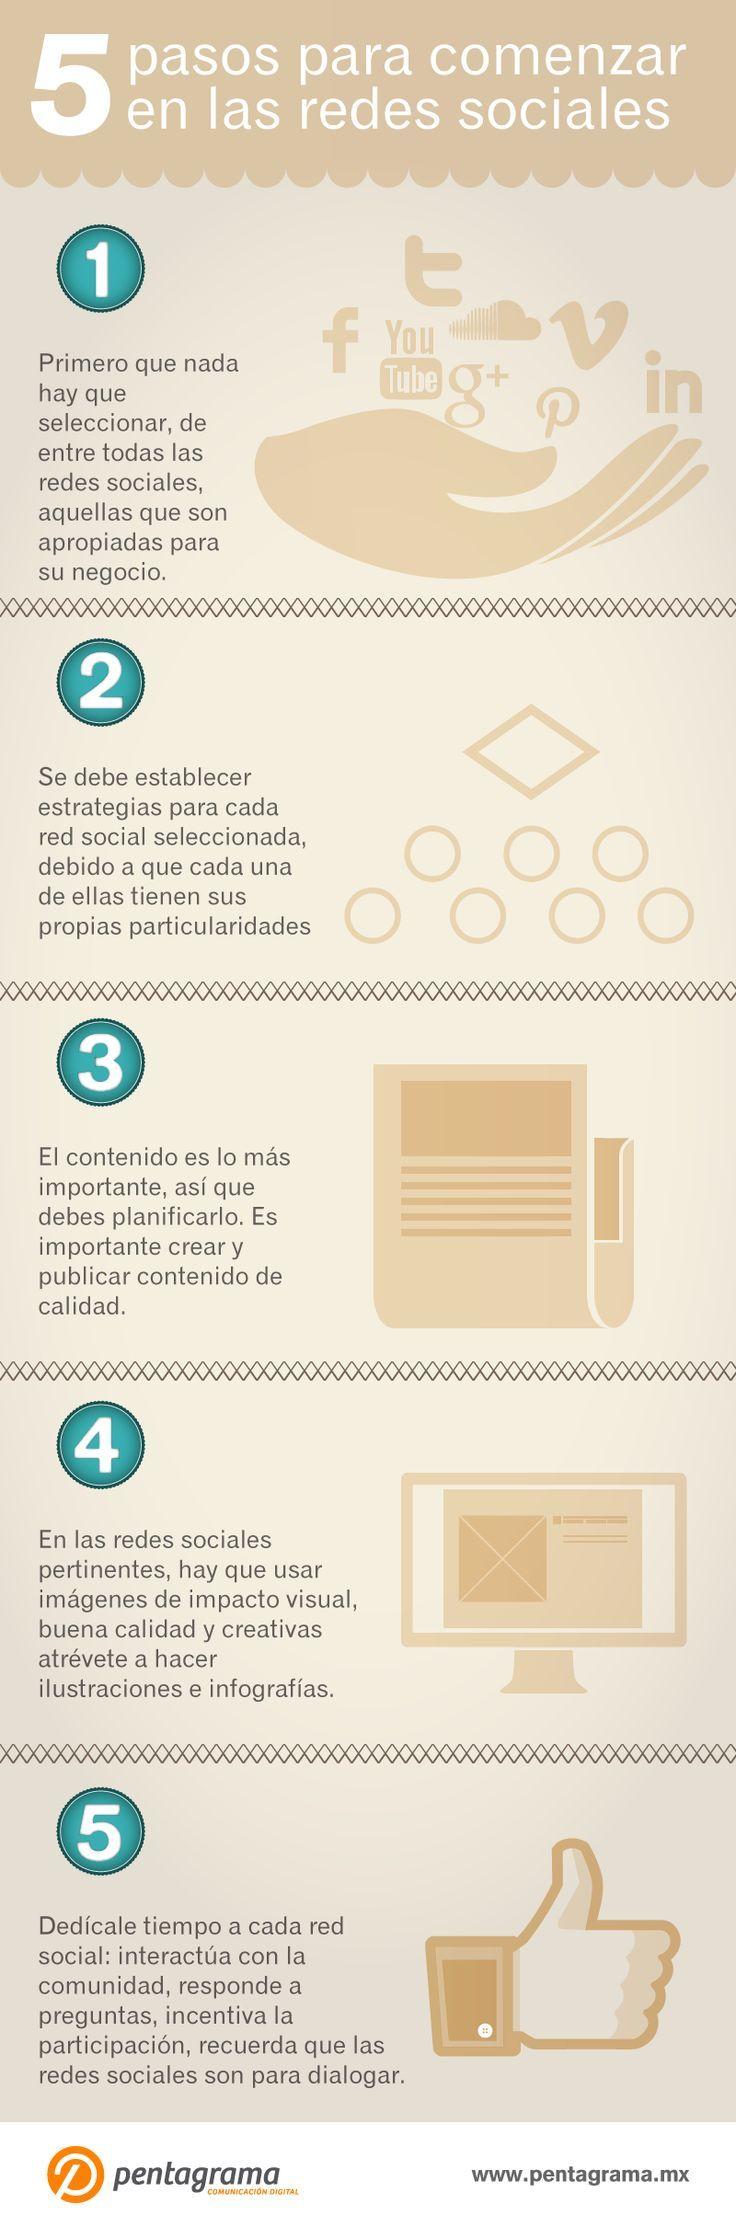 5 pasos para comenzar en las redes sociales.